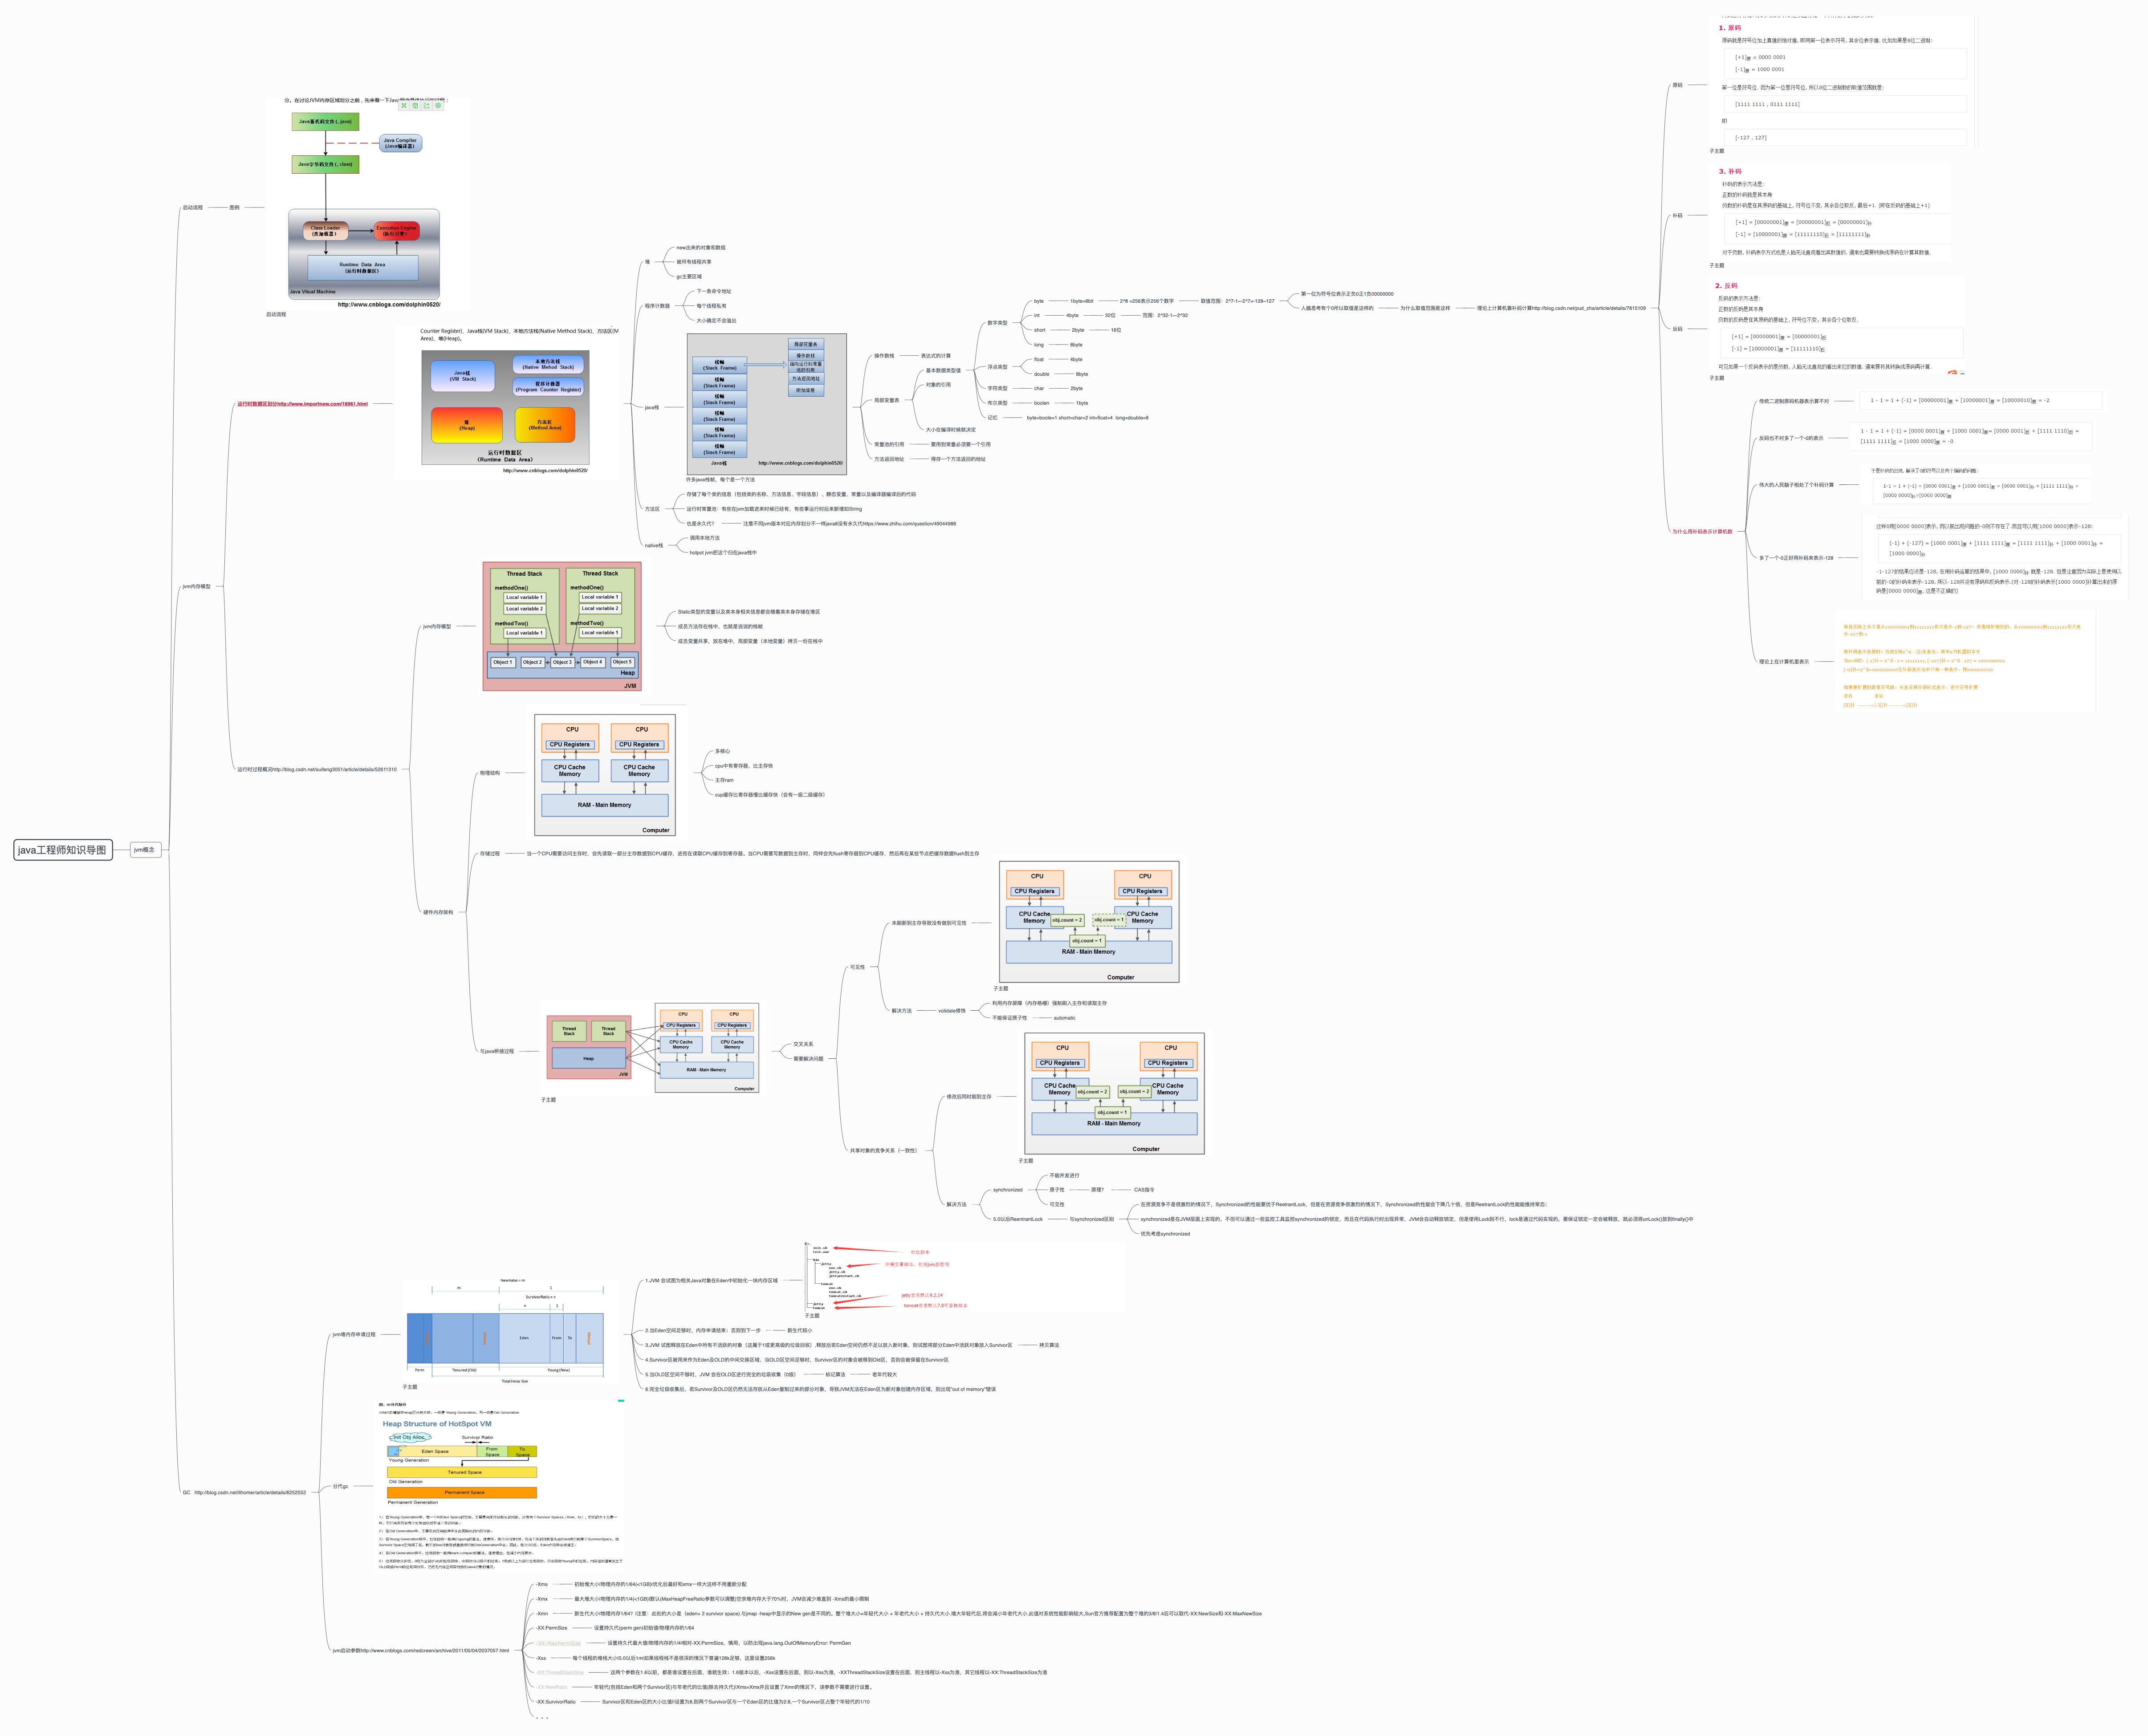 java工程师具备思维导图